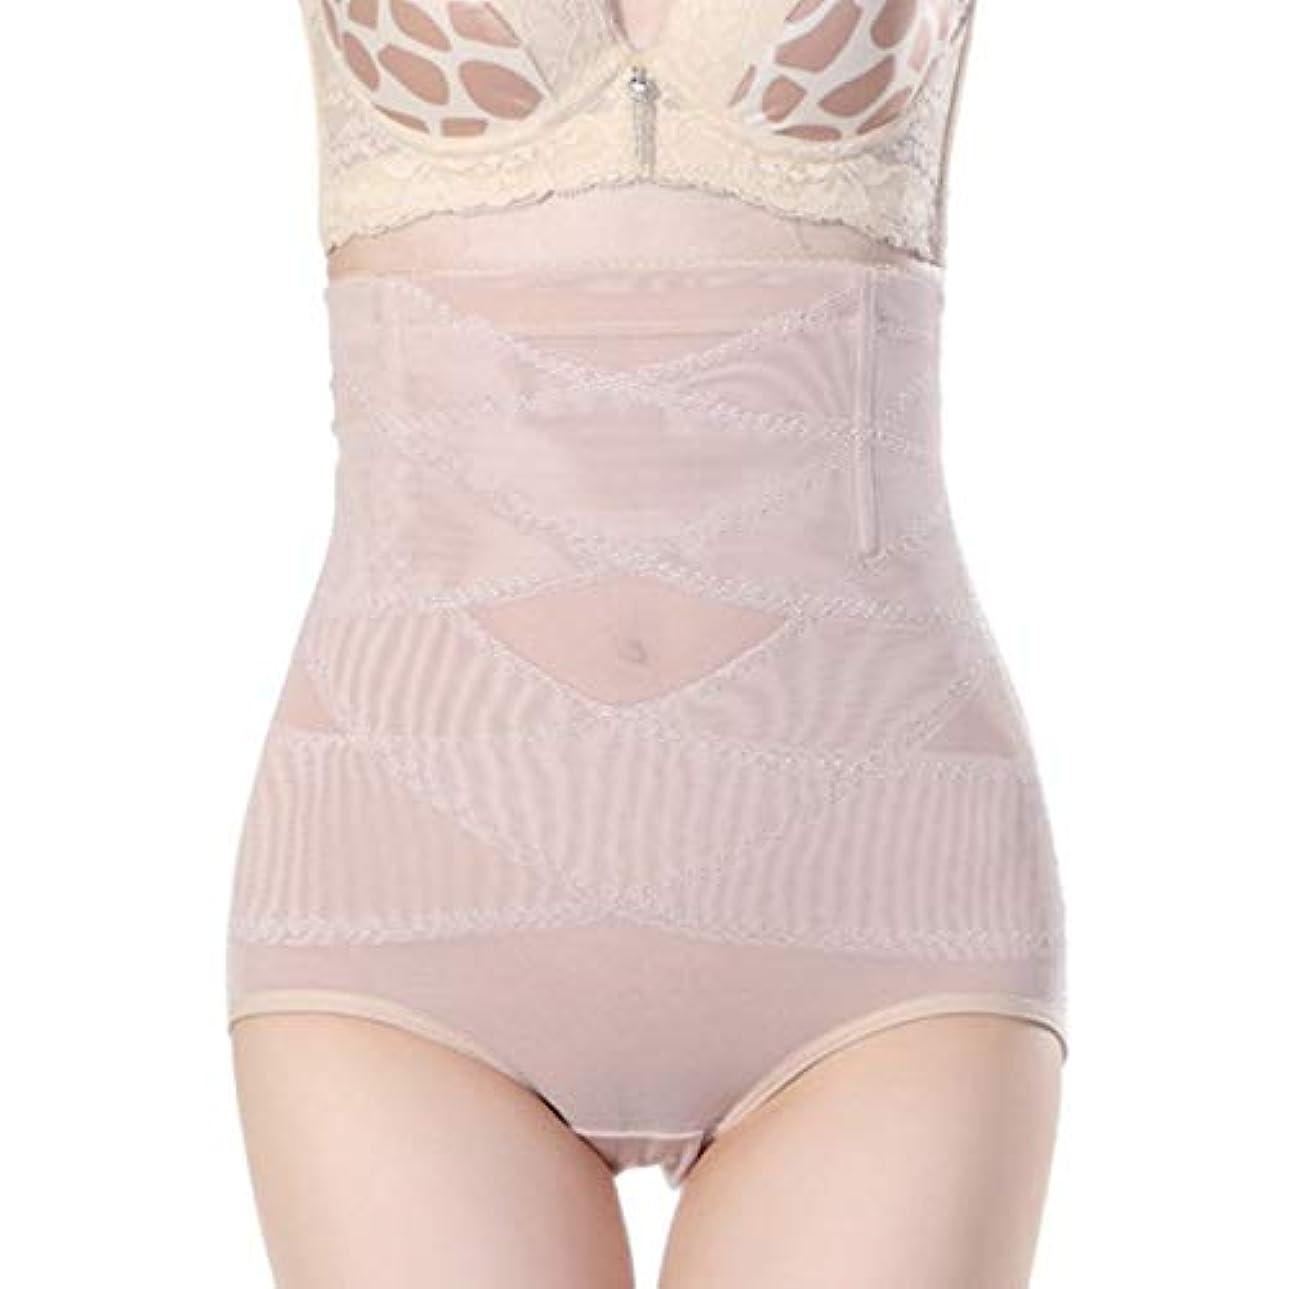 概要統計旅行代理店腹部制御下着シームレスおなかコントロールパンティーバットリフターボディシェイパーを痩身通気性のハイウエストの女性 - 肌色2 XL